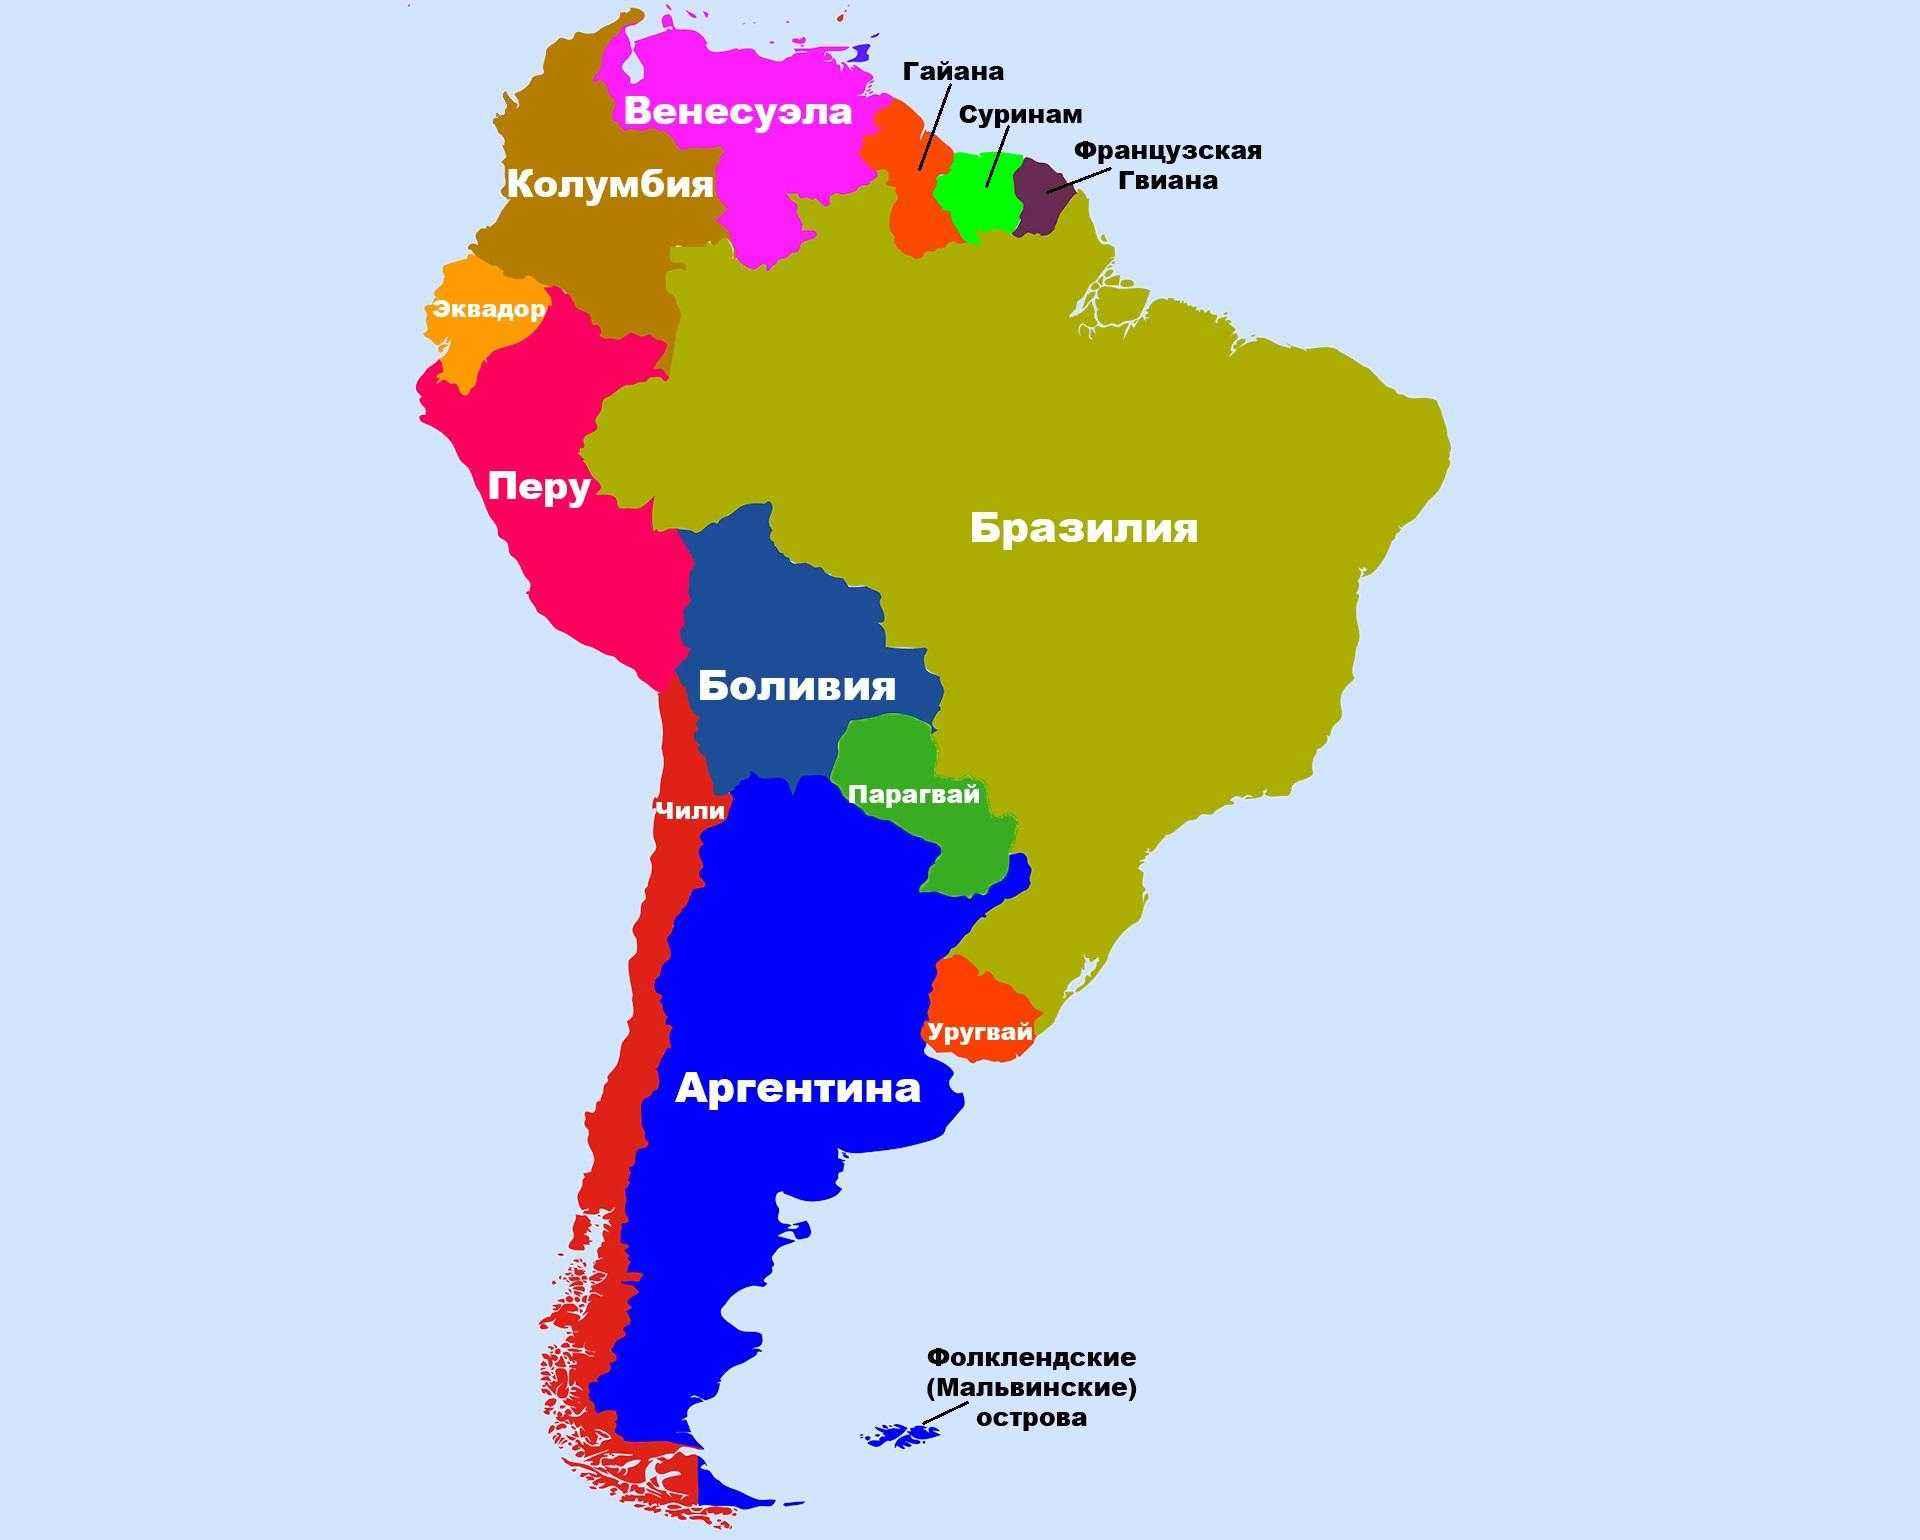 Страны Южной Америки: названия, столицы, карта и таблица — Природа ...